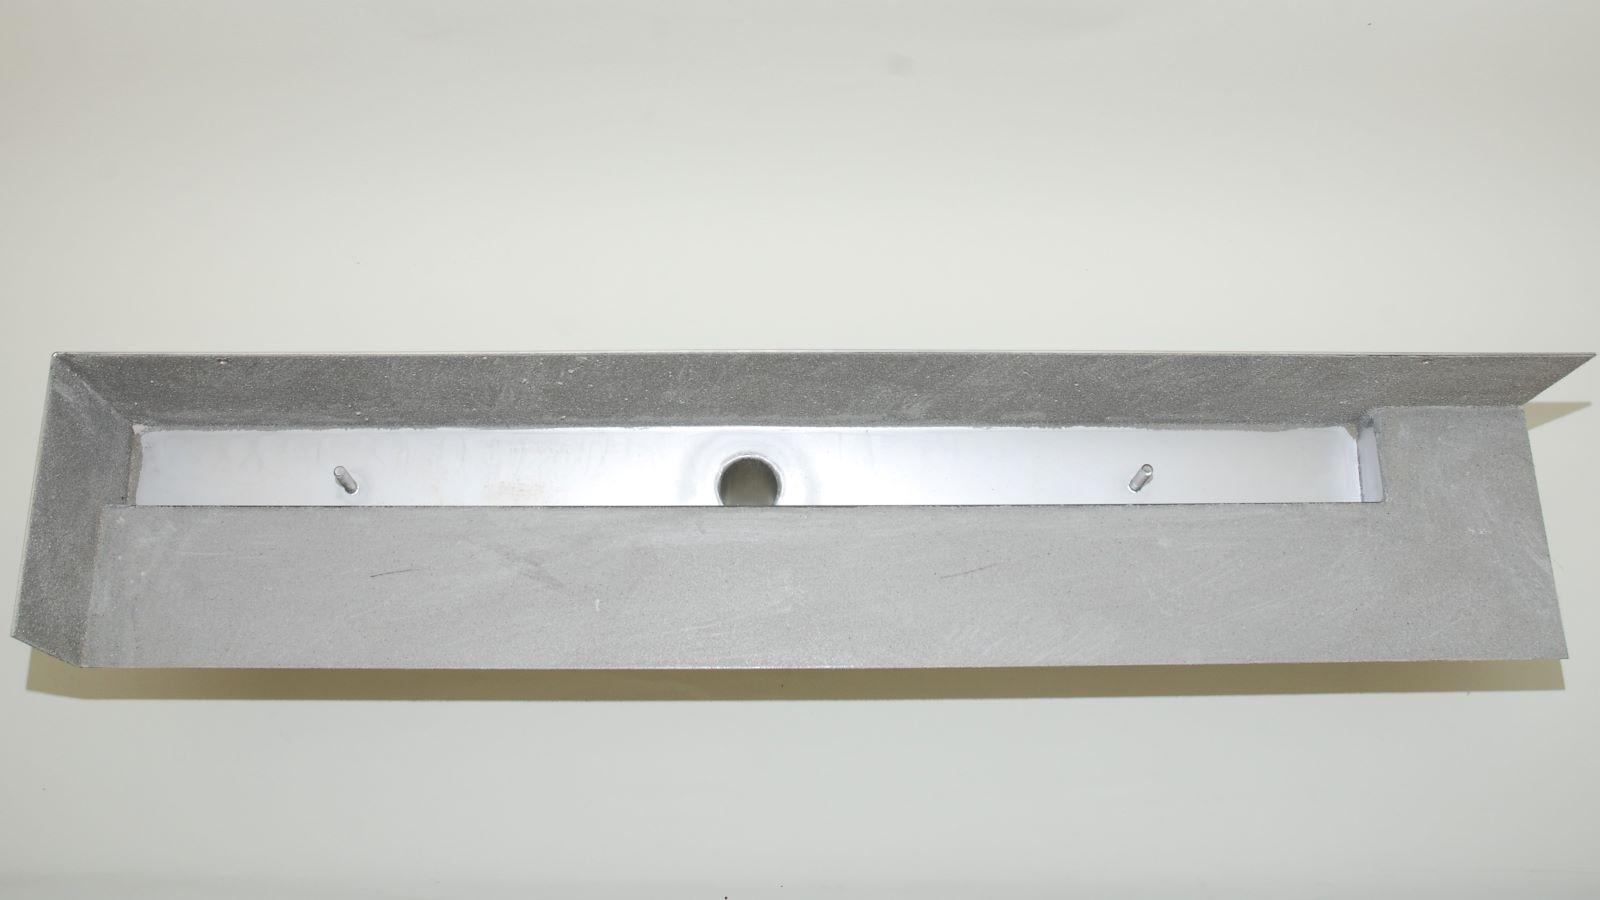 Die extra flache v4a edelstahl-duschrinne pro hat eine sehr hohe ablaufleistung bei nur 20 mm oder 40 mm einbauhoehe. Die geringe einbauhoehe ist optimal fuer die planung barrierefreier duschen. Auf dem bild sichtbar ist der 40 mm freie ablauf der duschrinne pro. Hierdurch wird die bodengleiche dusche sehr gut entwaessert. Der ablauf der duschrinne pro ist frei positionierbar. Ebenso kann die richtung des ablusses frei bestimmt werden. Die sonderanfertigung der duschrinne pro auf dem bild ist eine von unendlich vielen moeglichen massanfertigungen. Das ist optimal fuer die planung einer individuellen ebenerdigen dusche.